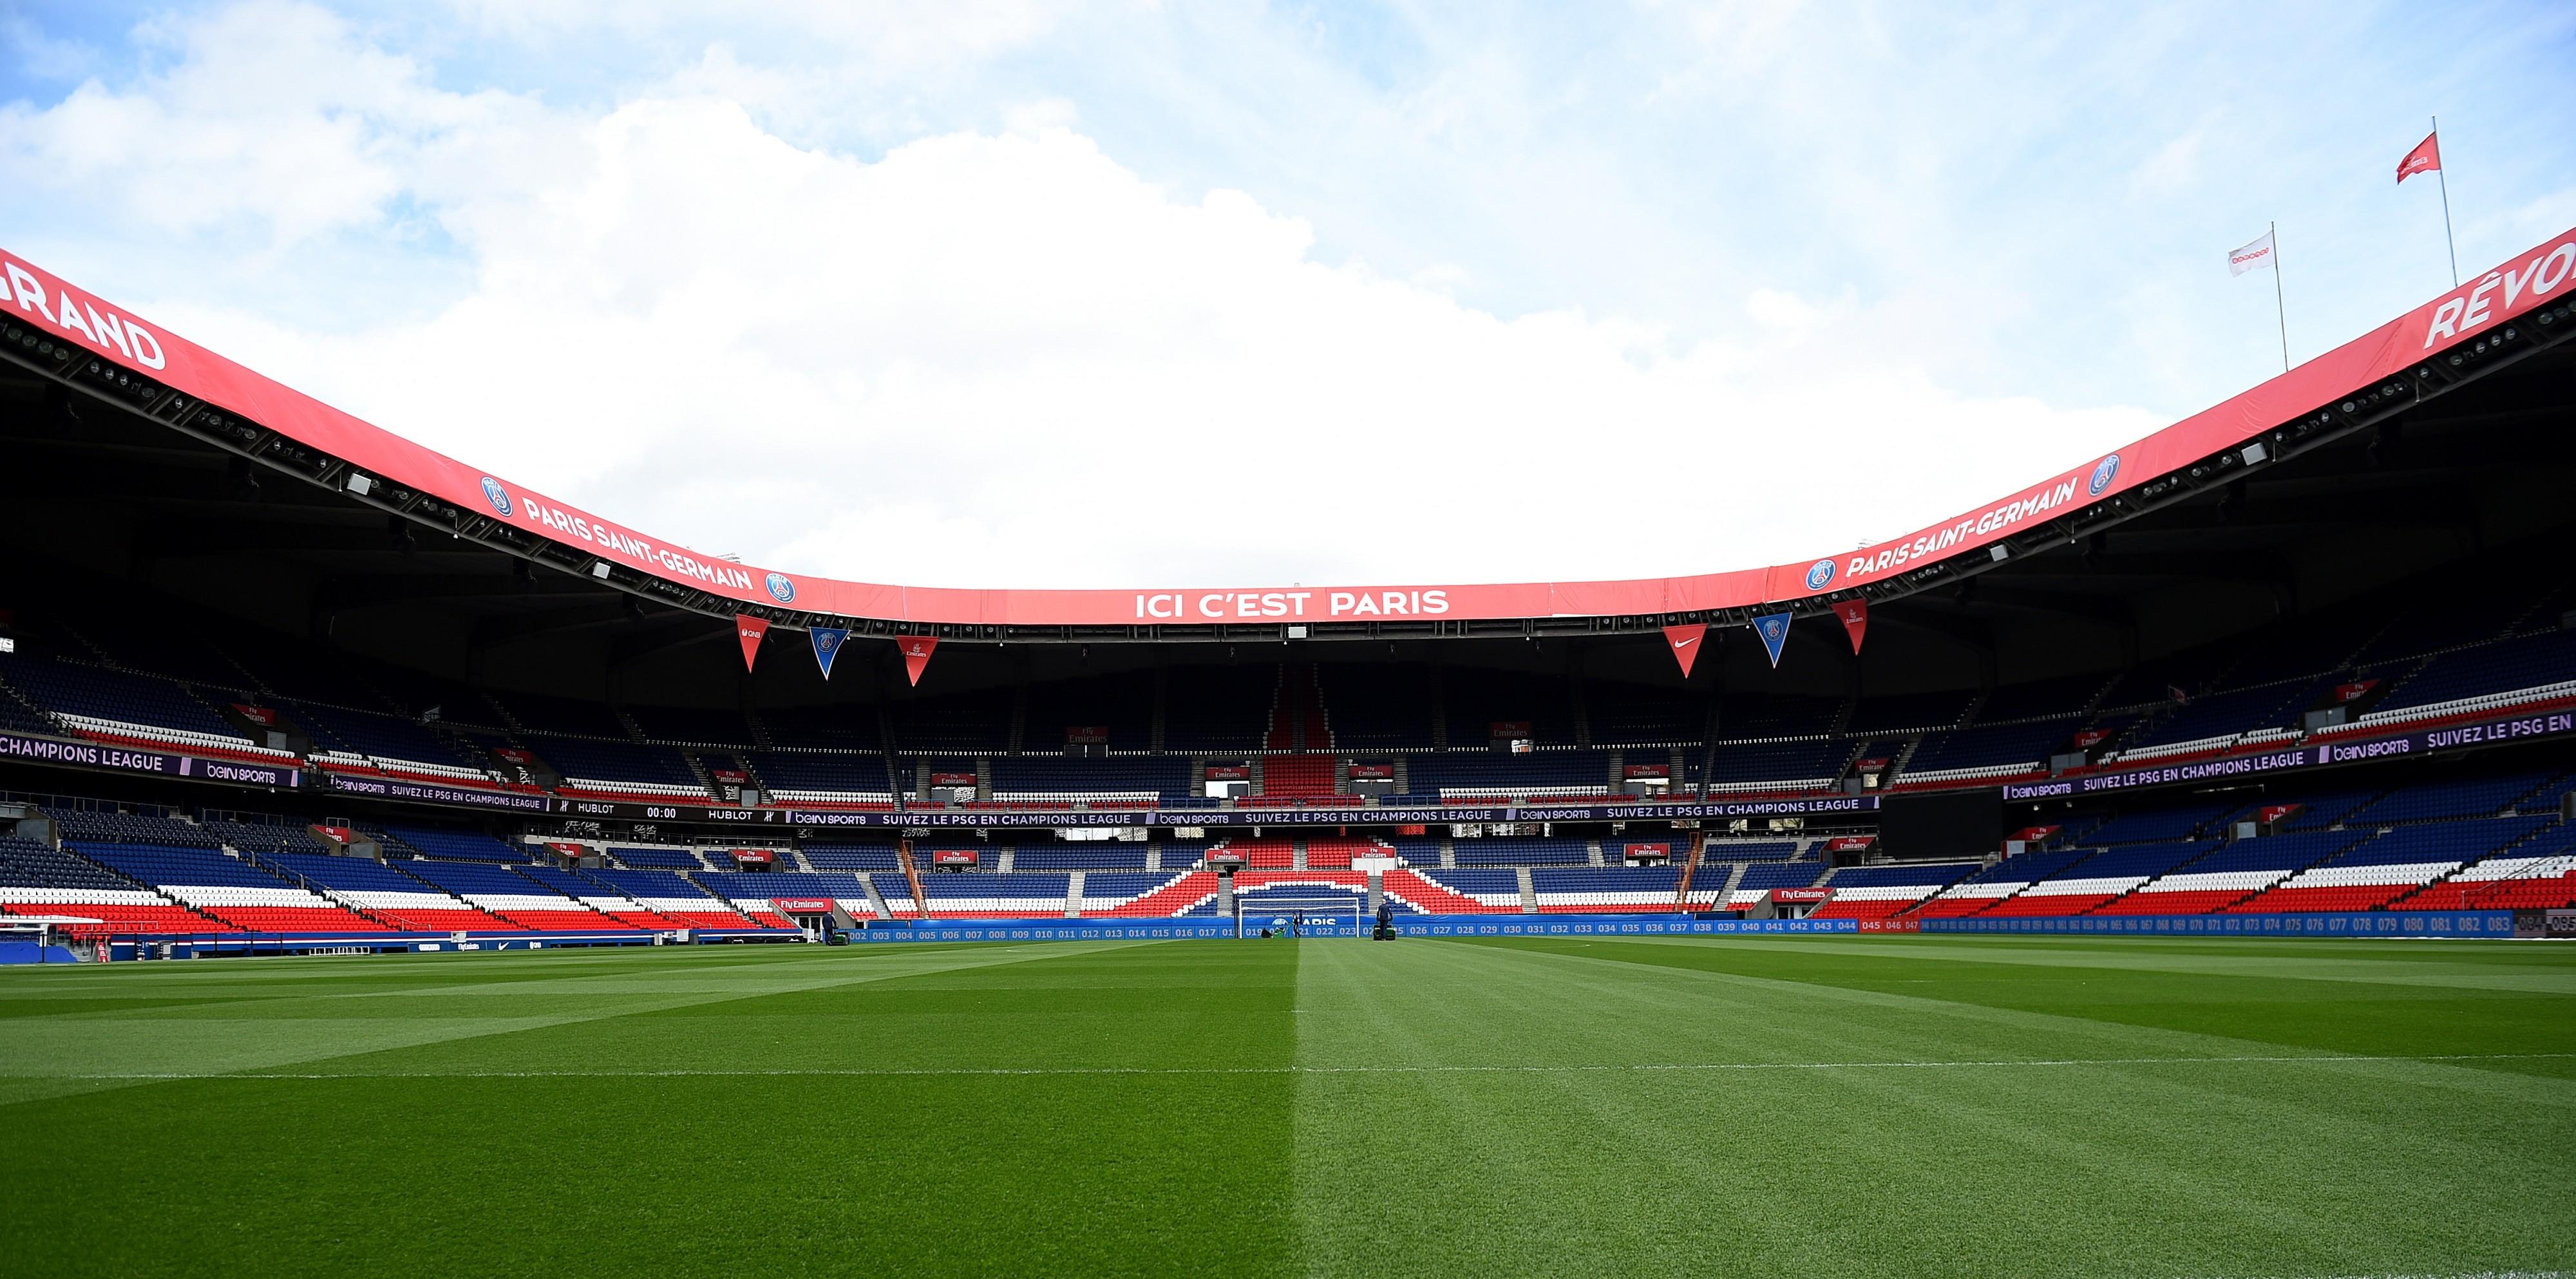 FILES-FBL-EURO-2016-STADIUM-PARIS-PARC DES PRINCES